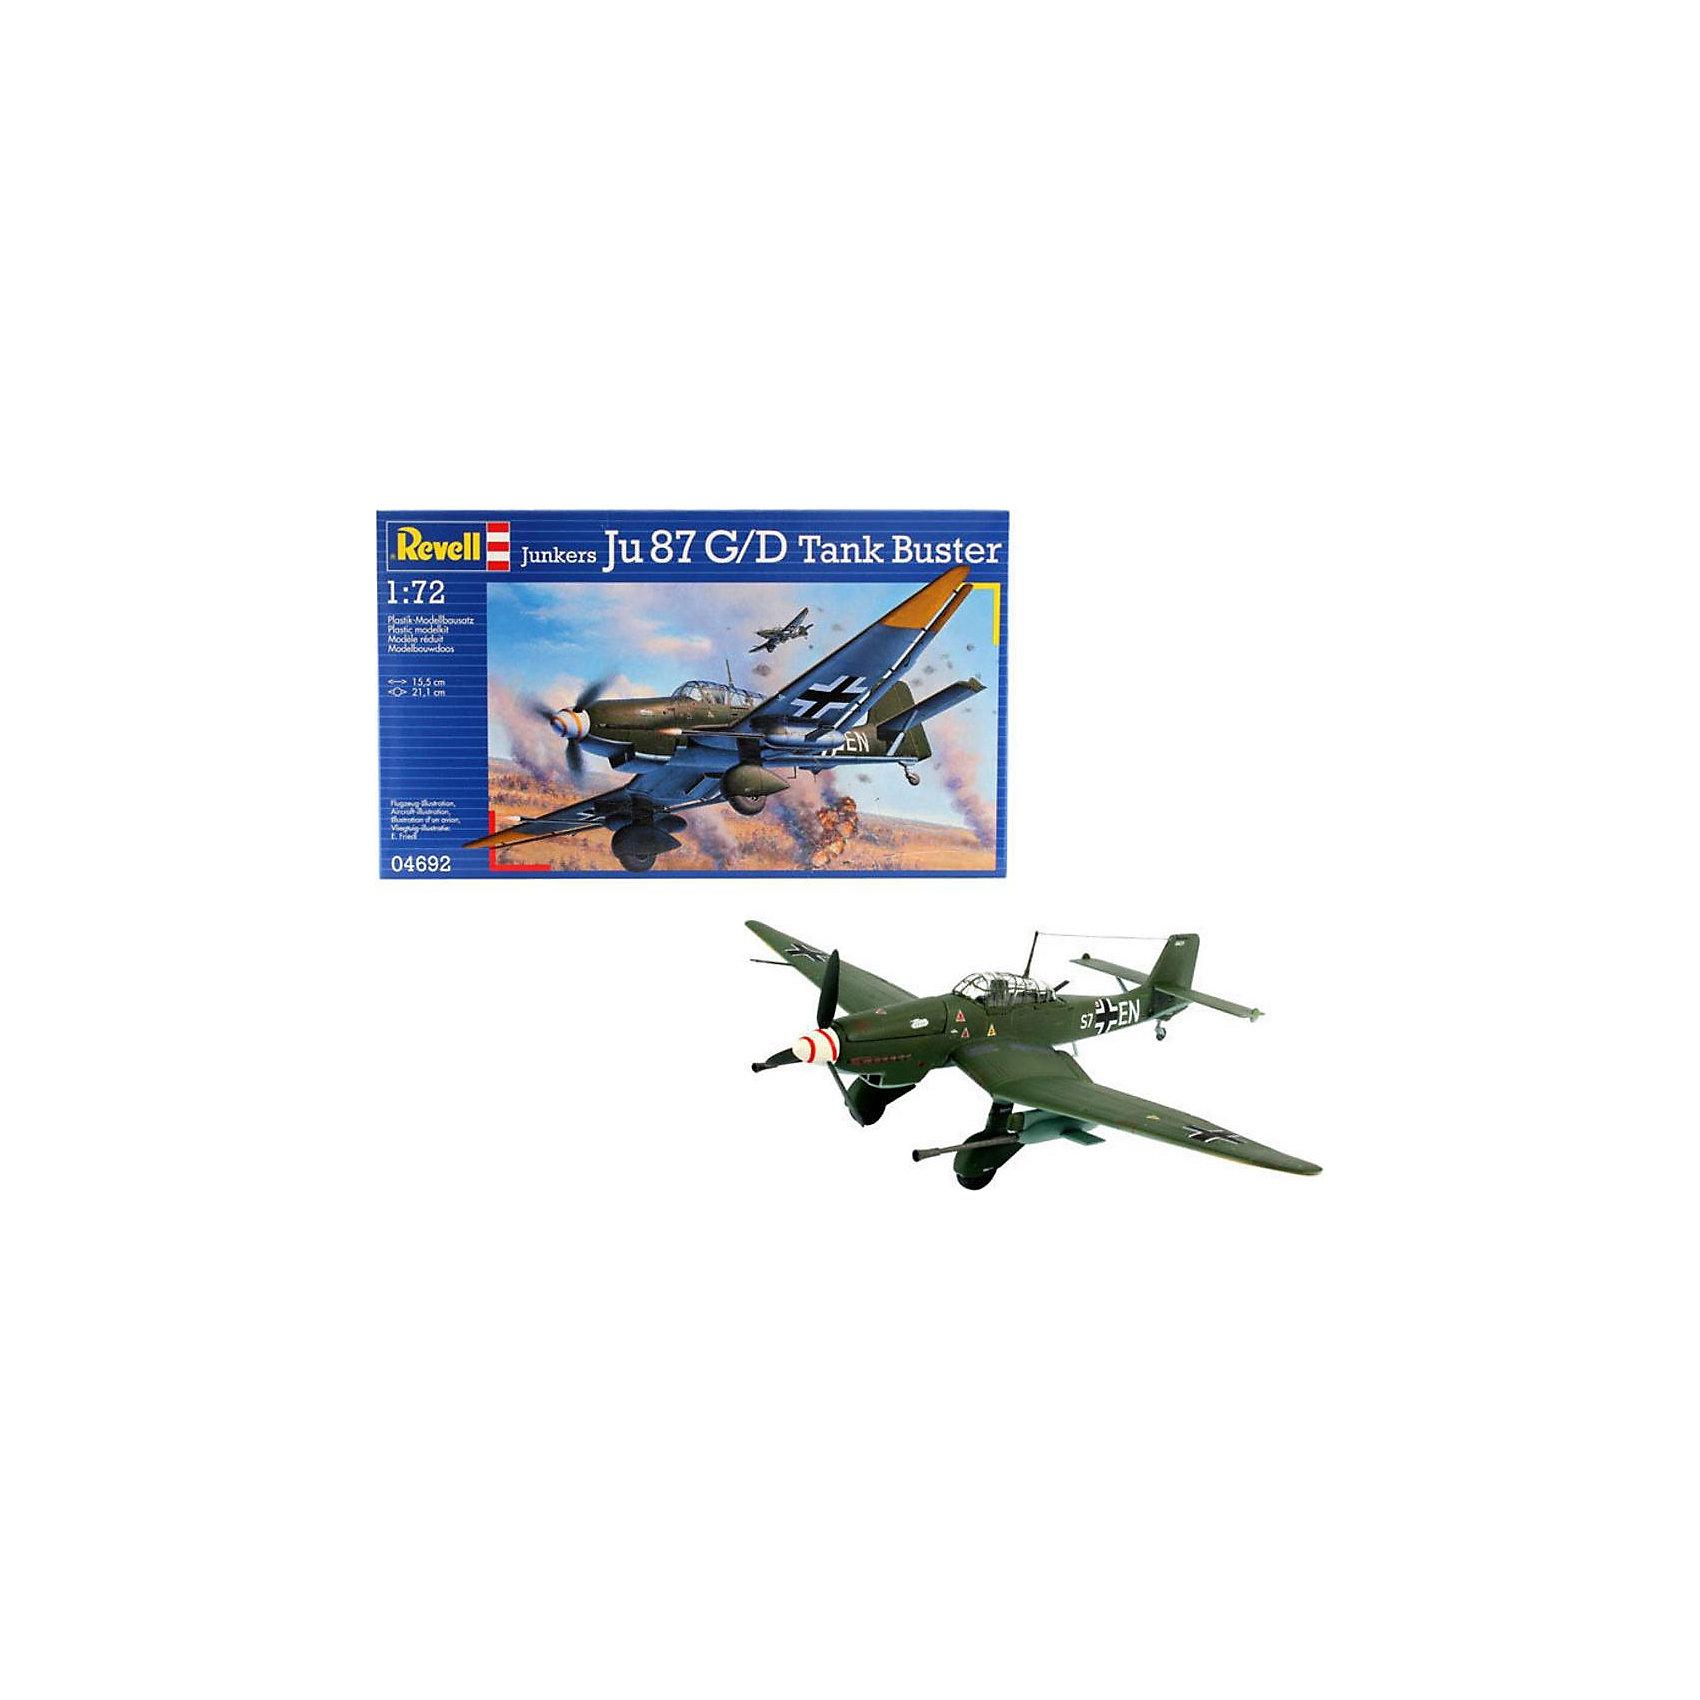 """Военный самолет Junkers Ju 87 G-2 Tank Buster (1/72)Модели для склеивания<br>Сборная модель немецкого пикирующего бомбардировщика Ju 87 G-2. Принятый незадолго до Второй мировой войны этот штурмовик стал одним из самых успешных самолетов Люфтваффе. Боевое крещение эта машина прошла во время войны в Испании. На Ju 87 была одержана первая победа во время Второй мировой. Пилотируемый Ф. Нойбертом немецкий бомбардировщик сбил польский истребитель PZL P.11, пилотируемый капитаном Мечиславом Медвецким. Впоследствии """"Штука"""" стала настоящим символом немецкого Блицкрига <br>Версии самолета Ju 87 G-2 вооружались двумя 37-мм пушками BK 37. Эта модификация штурмовика применялась в основном для борьбы с вражескими танками.  <br>Масштаб: 1:72 <br>Количество деталей: 62 <br>Длина модели: 155 мм <br>Размах крыльев: 211 мм <br>Подойдет для детей старше 10-и лет <br>Клей, краски и кисточки продаются отдельно<br><br>Ширина мм: 311<br>Глубина мм: 183<br>Высота мм: 46<br>Вес г: 185<br>Возраст от месяцев: 168<br>Возраст до месяцев: 1164<br>Пол: Мужской<br>Возраст: Детский<br>SKU: 2071109"""